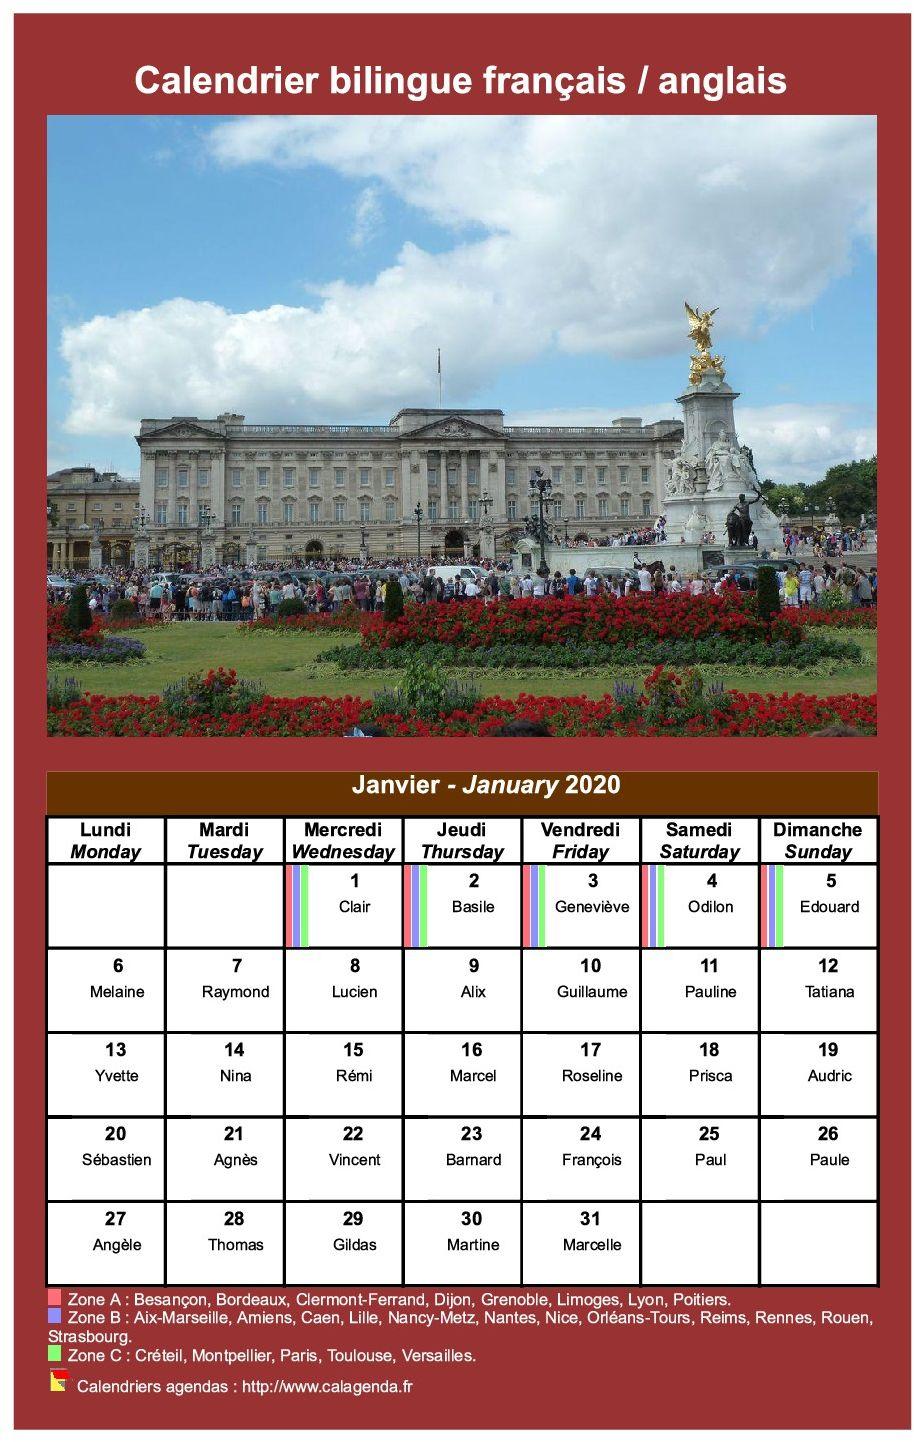 Calendrier mensuel bilingue français / anglais.